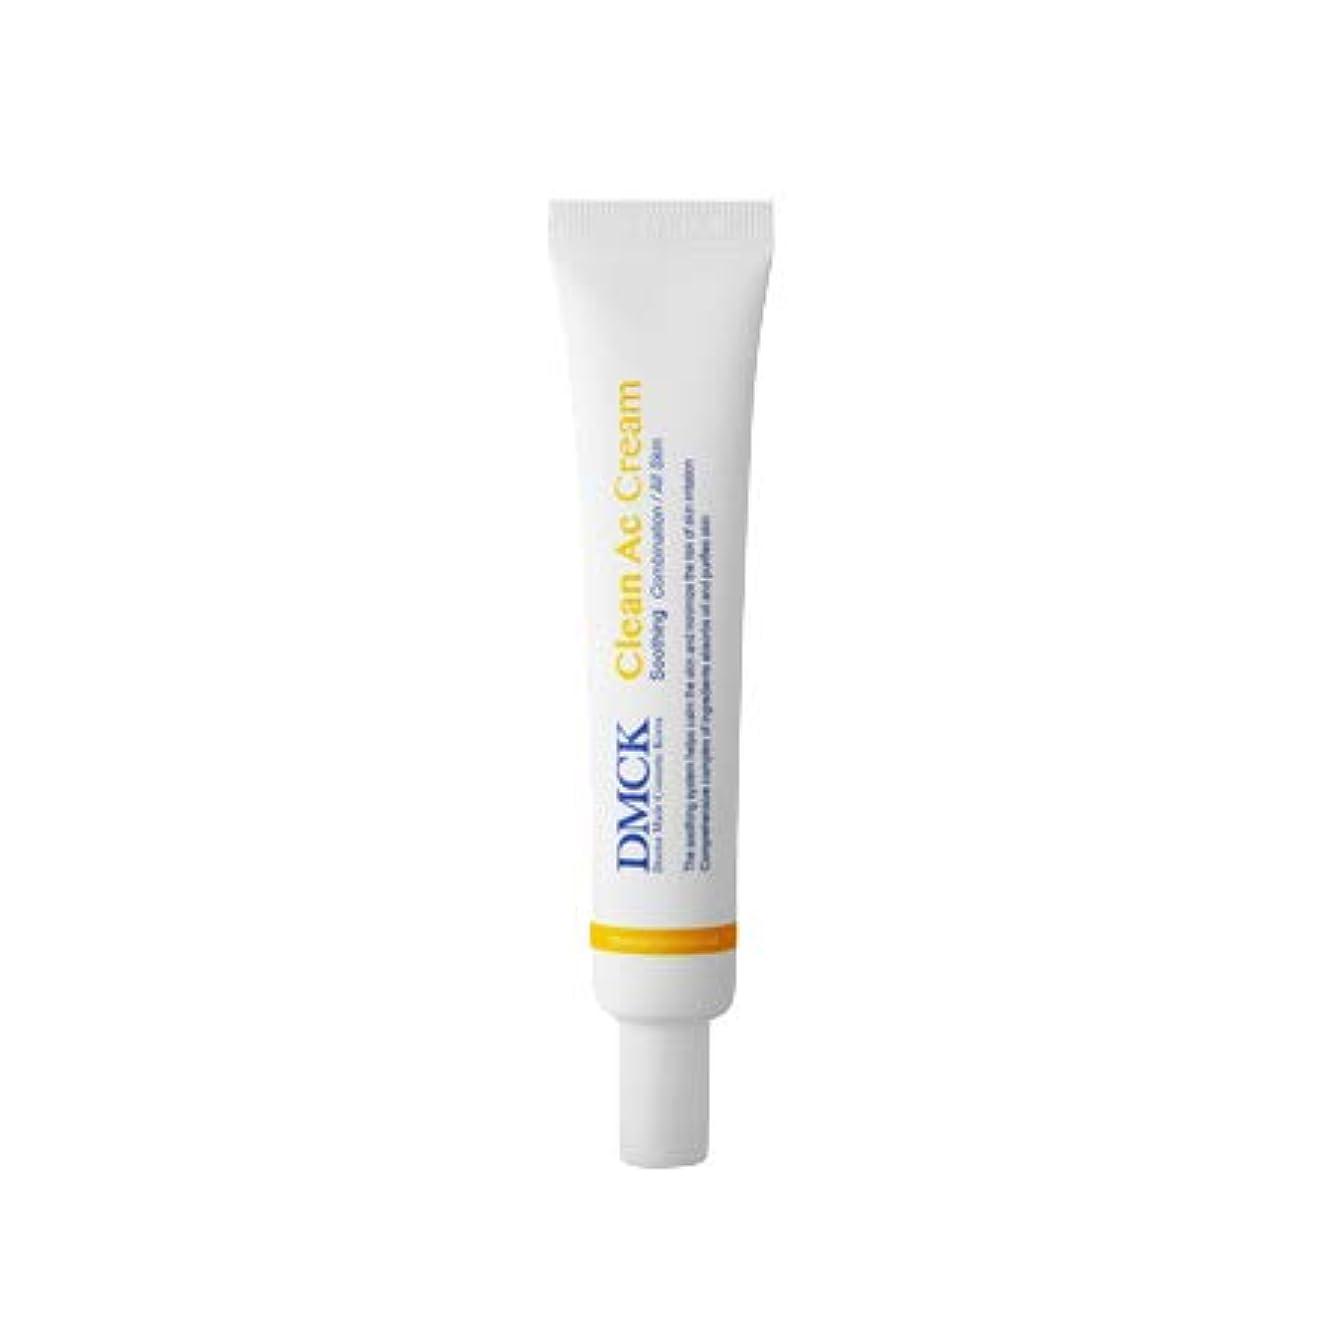 現れる鮮やかなペパーミント[DMCK] クリーンアーククリーム 30g / CLEAN AC CREAM 30g [並行輸入品]